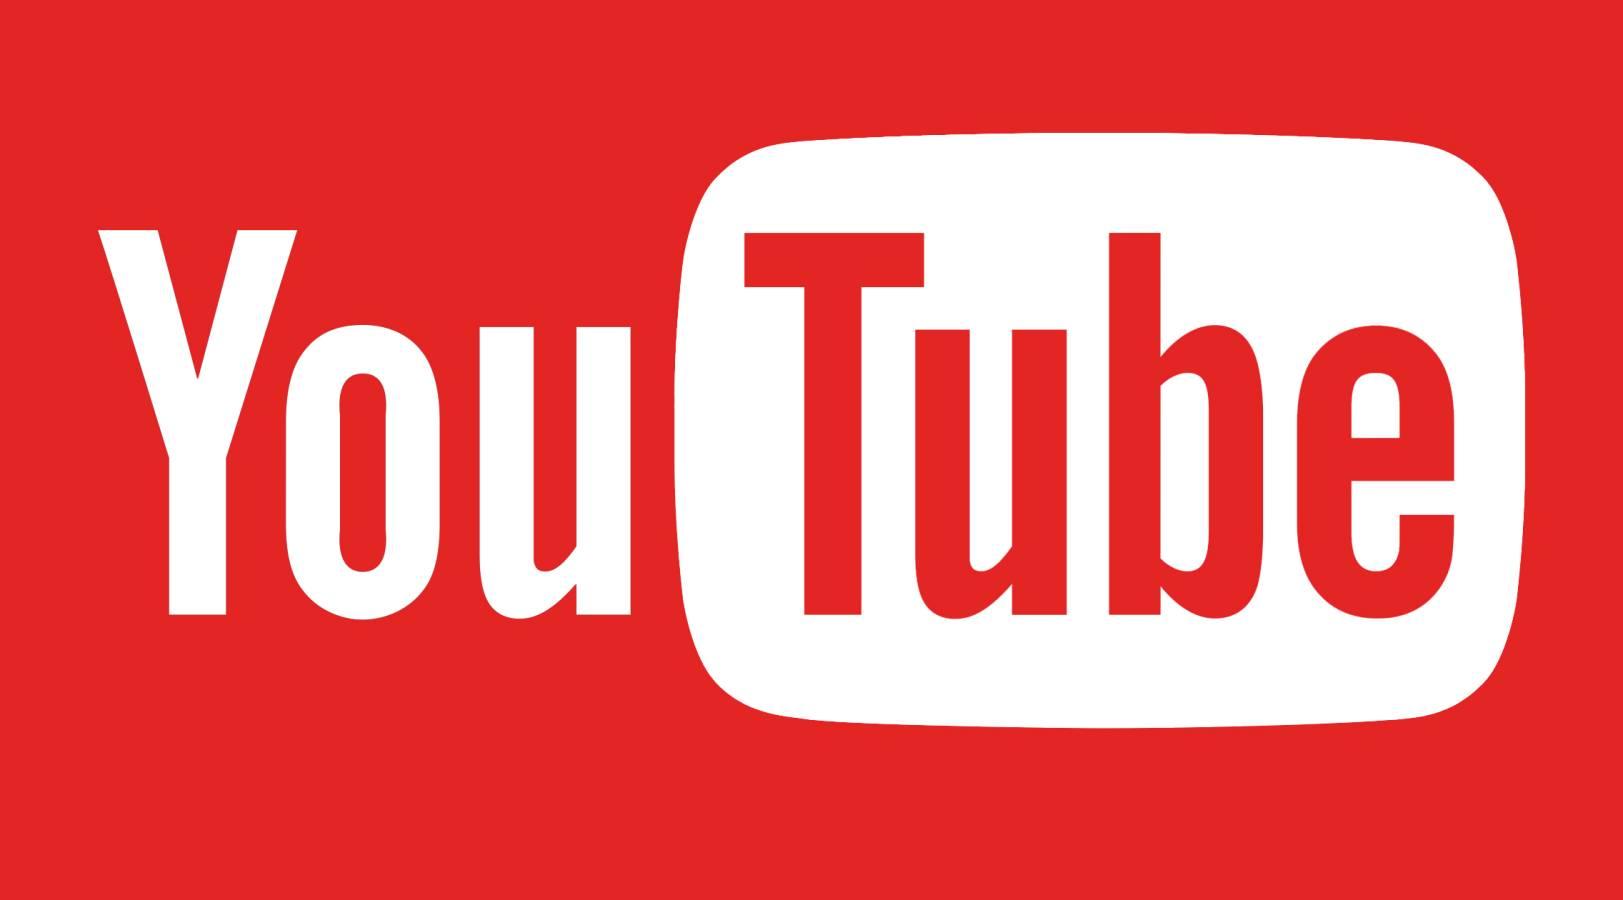 YouTube Actualizarea Noua Lansata pentru Telefoane, Tablete